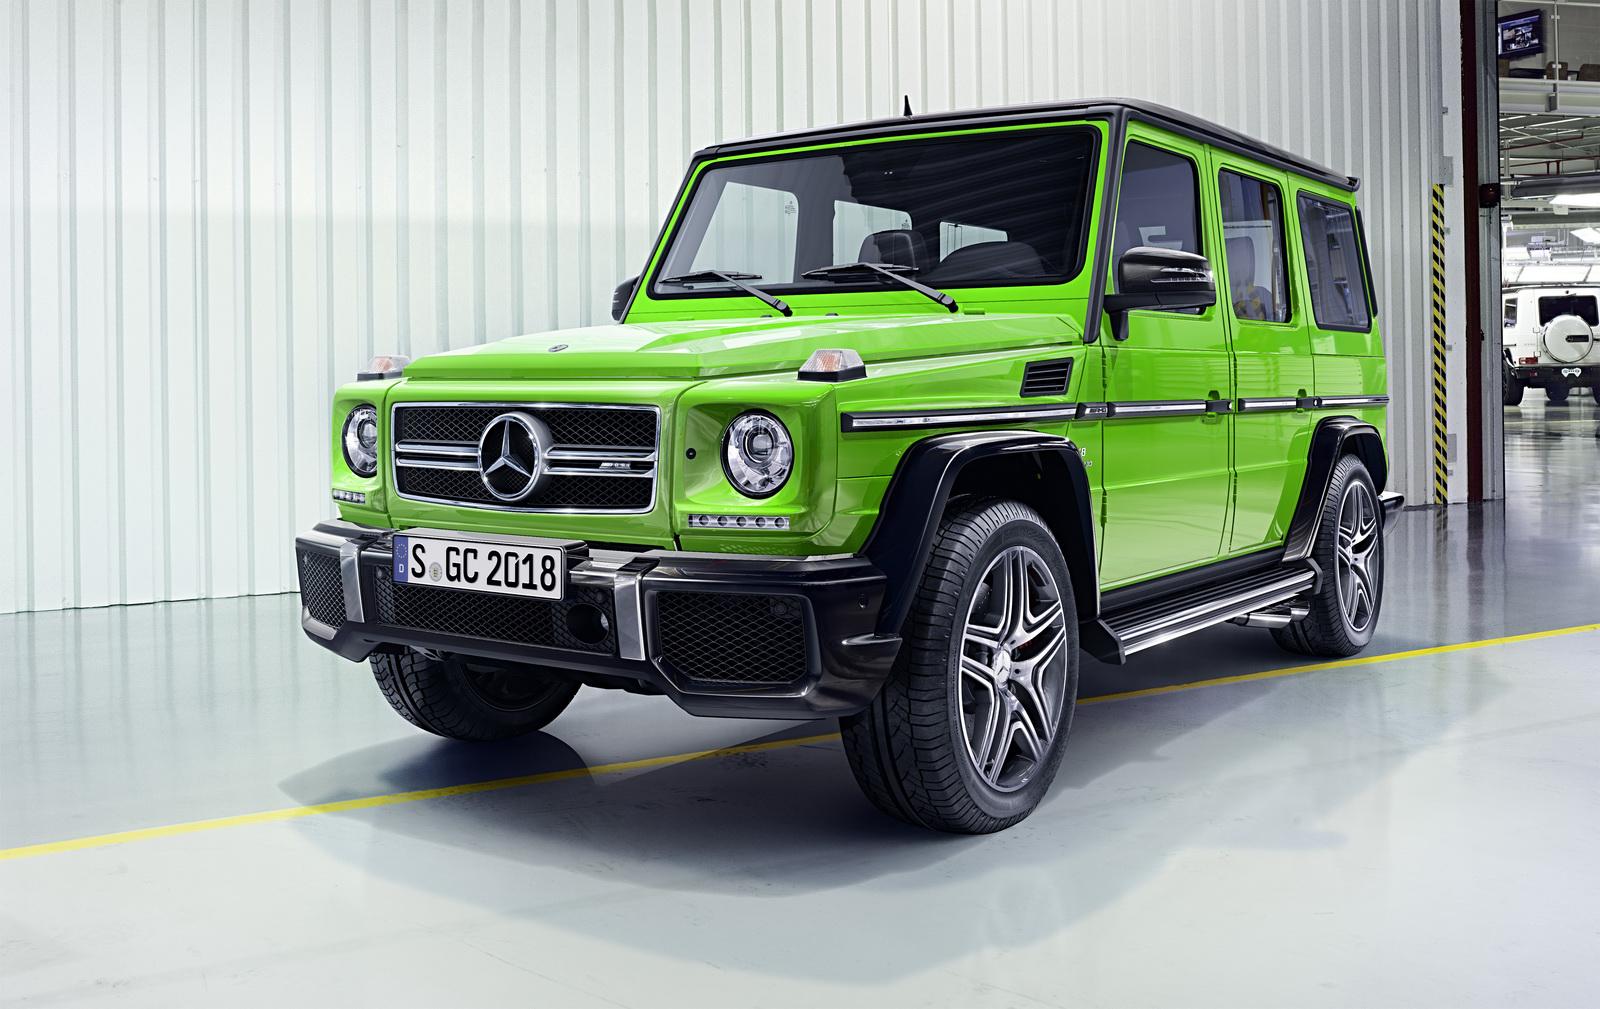 https://www.benzinsider.com/wp-content/uploads/2015/06/2016-Mercedes-Benz-G500-4x4-13.jpg